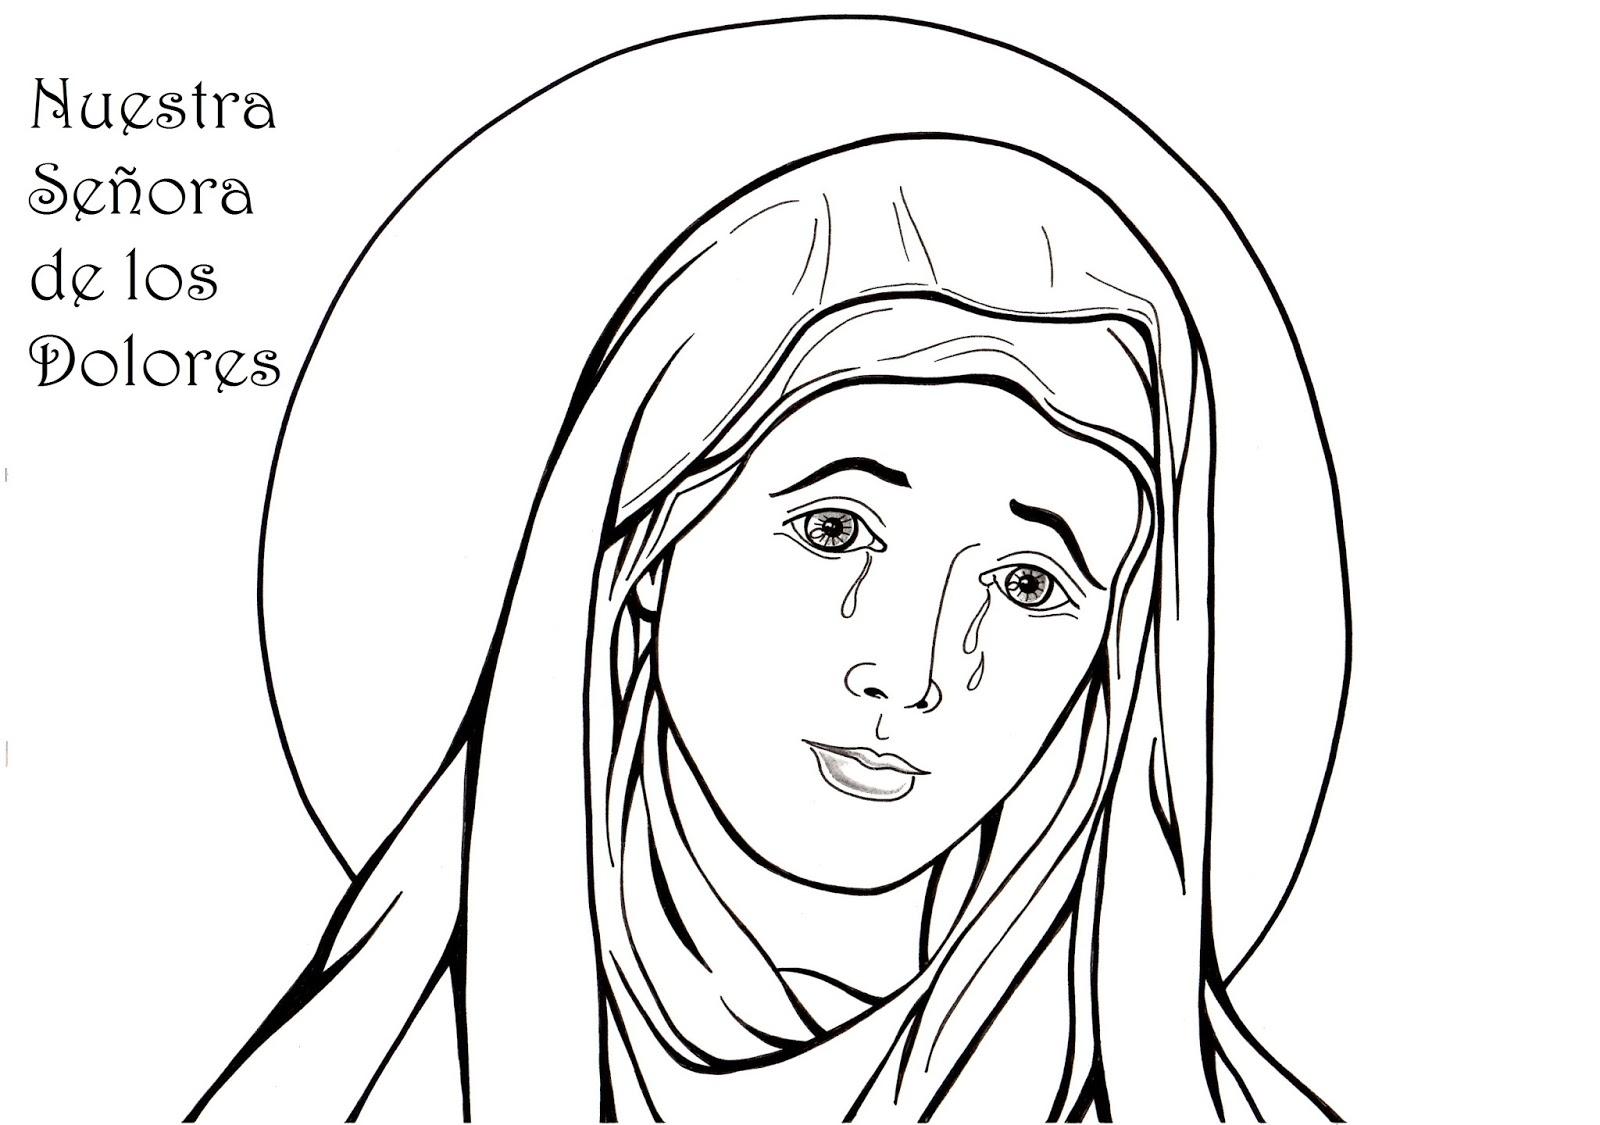 El Rincón De Las Melli Lámina Nuestra Señora De Los Dolores